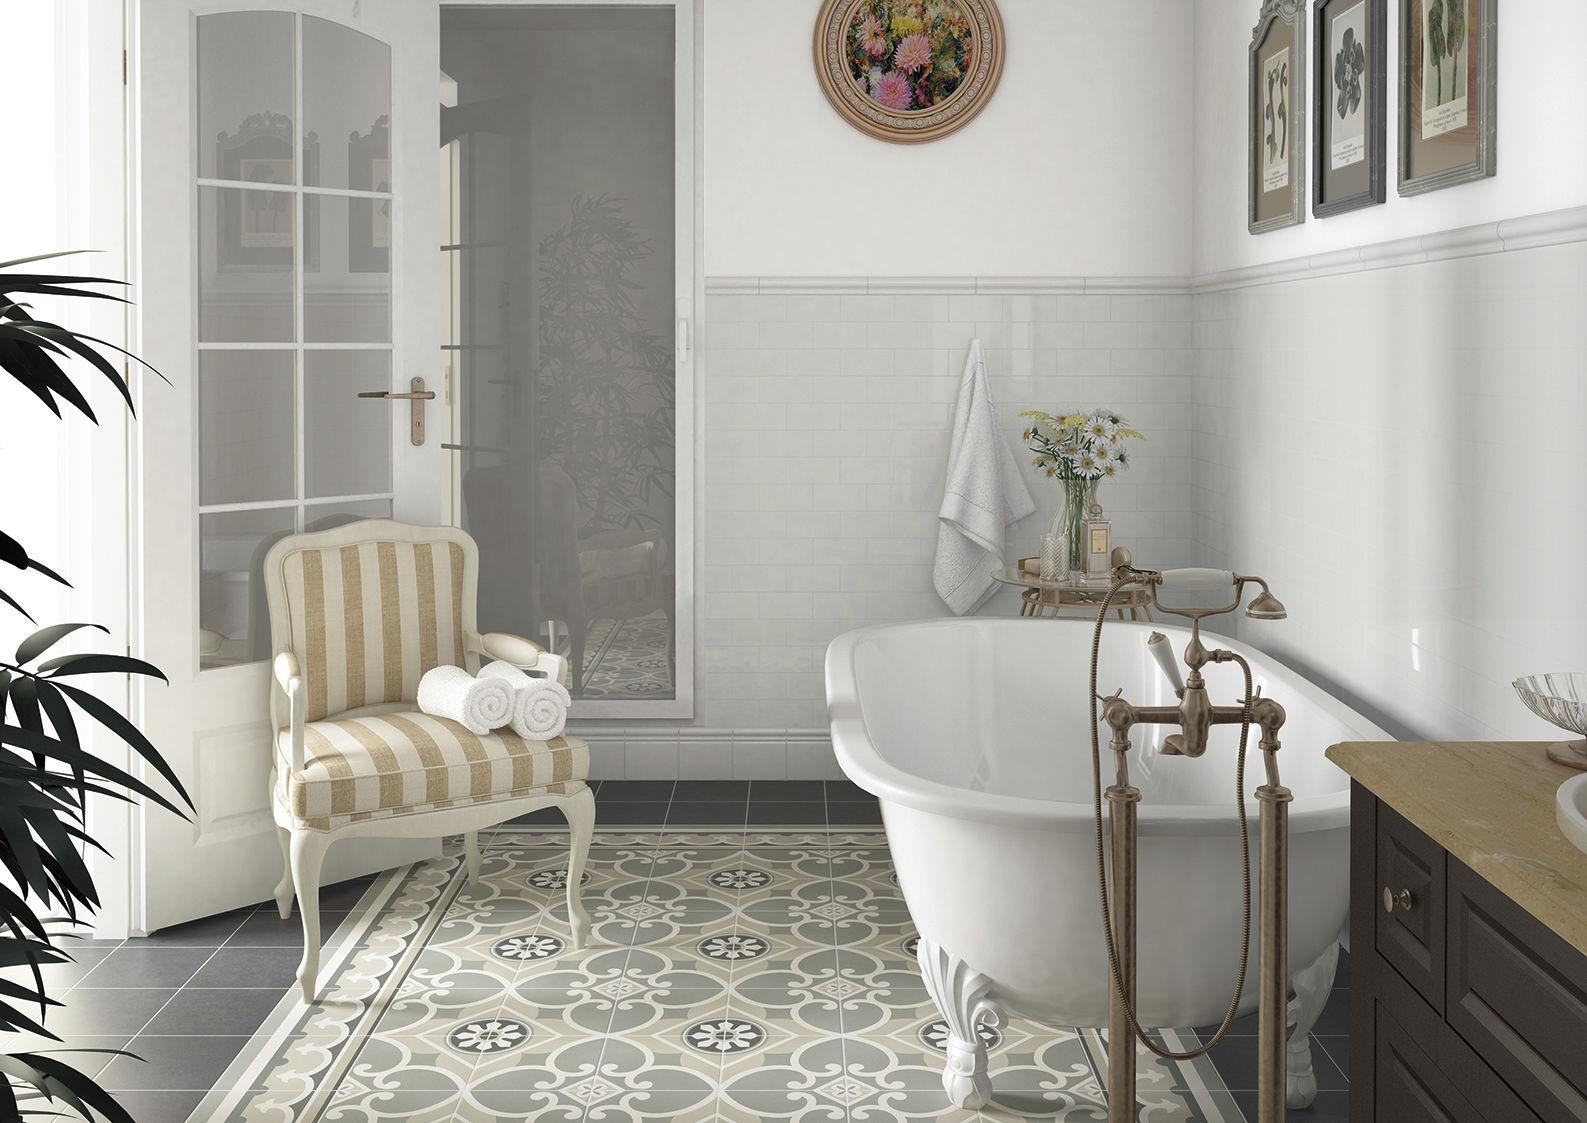 Fliesen Für Badezimmer / Boden / Aus Zement / Jugendstil   Caprice